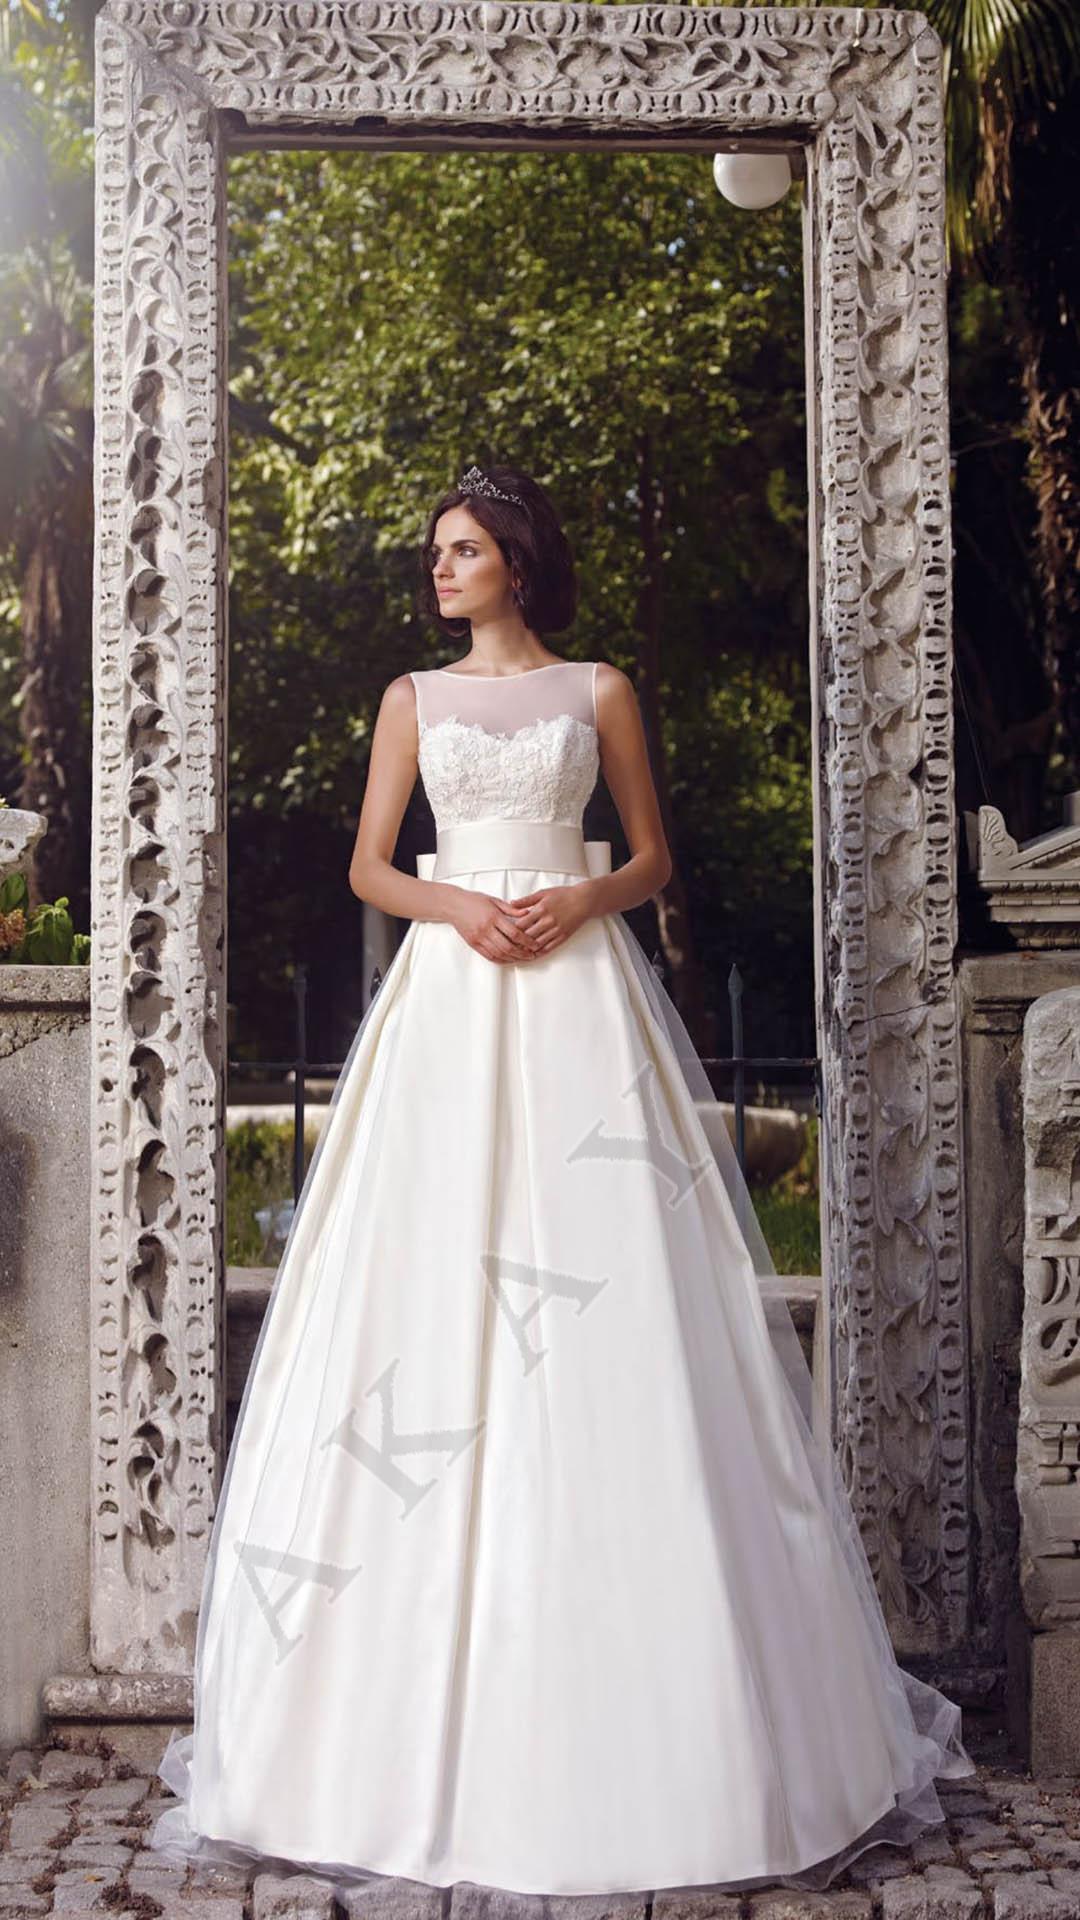 Akay Wedding Dress Private 2015 1090 - Turkish Fashion Style